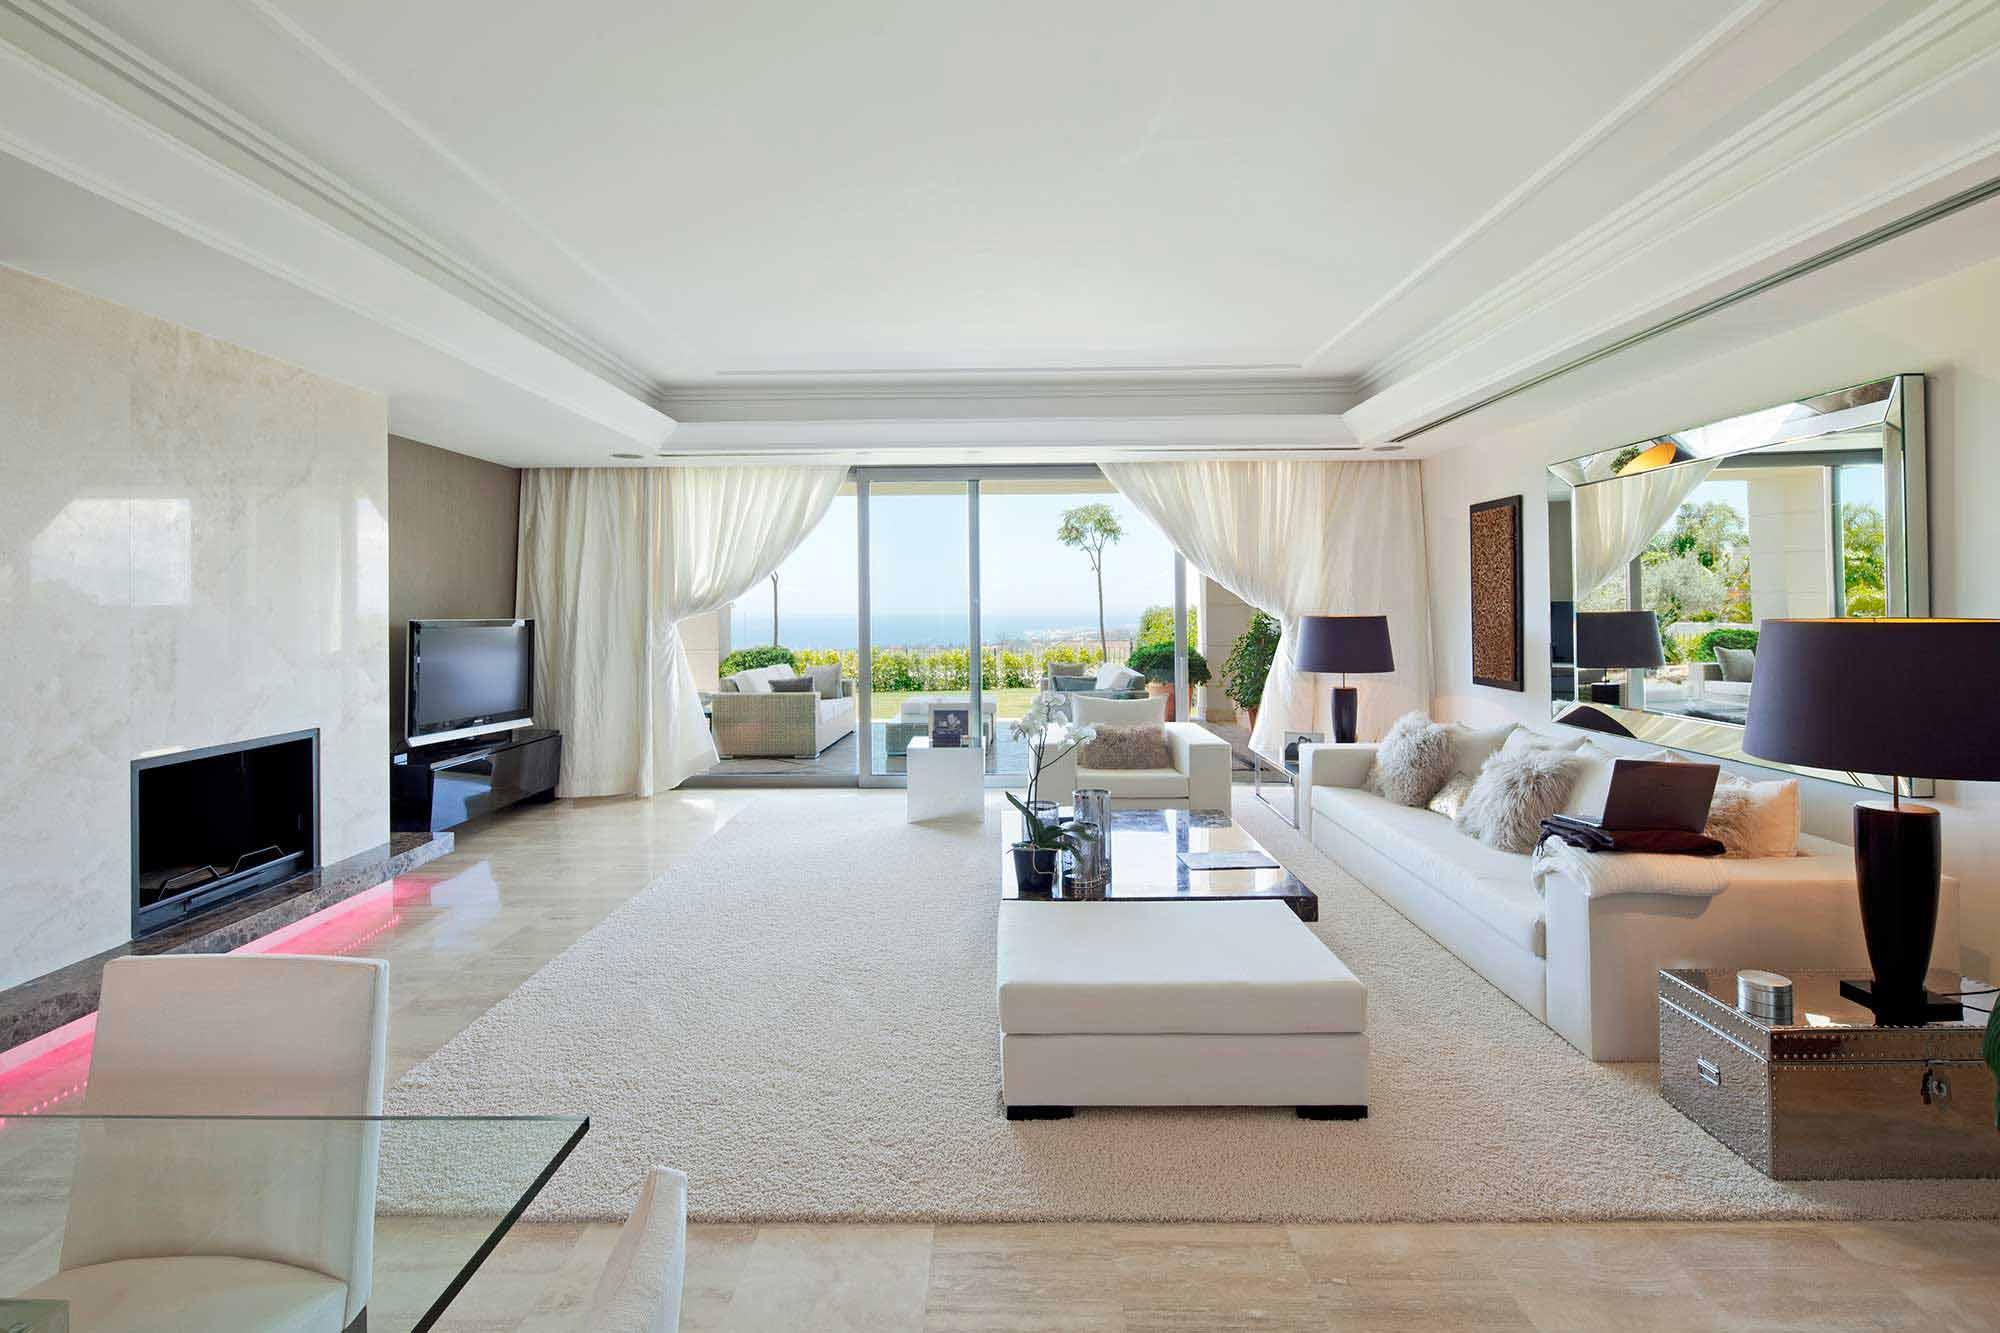 Marbella centro o urbanizaciones - Apartamentos lujo londres ...